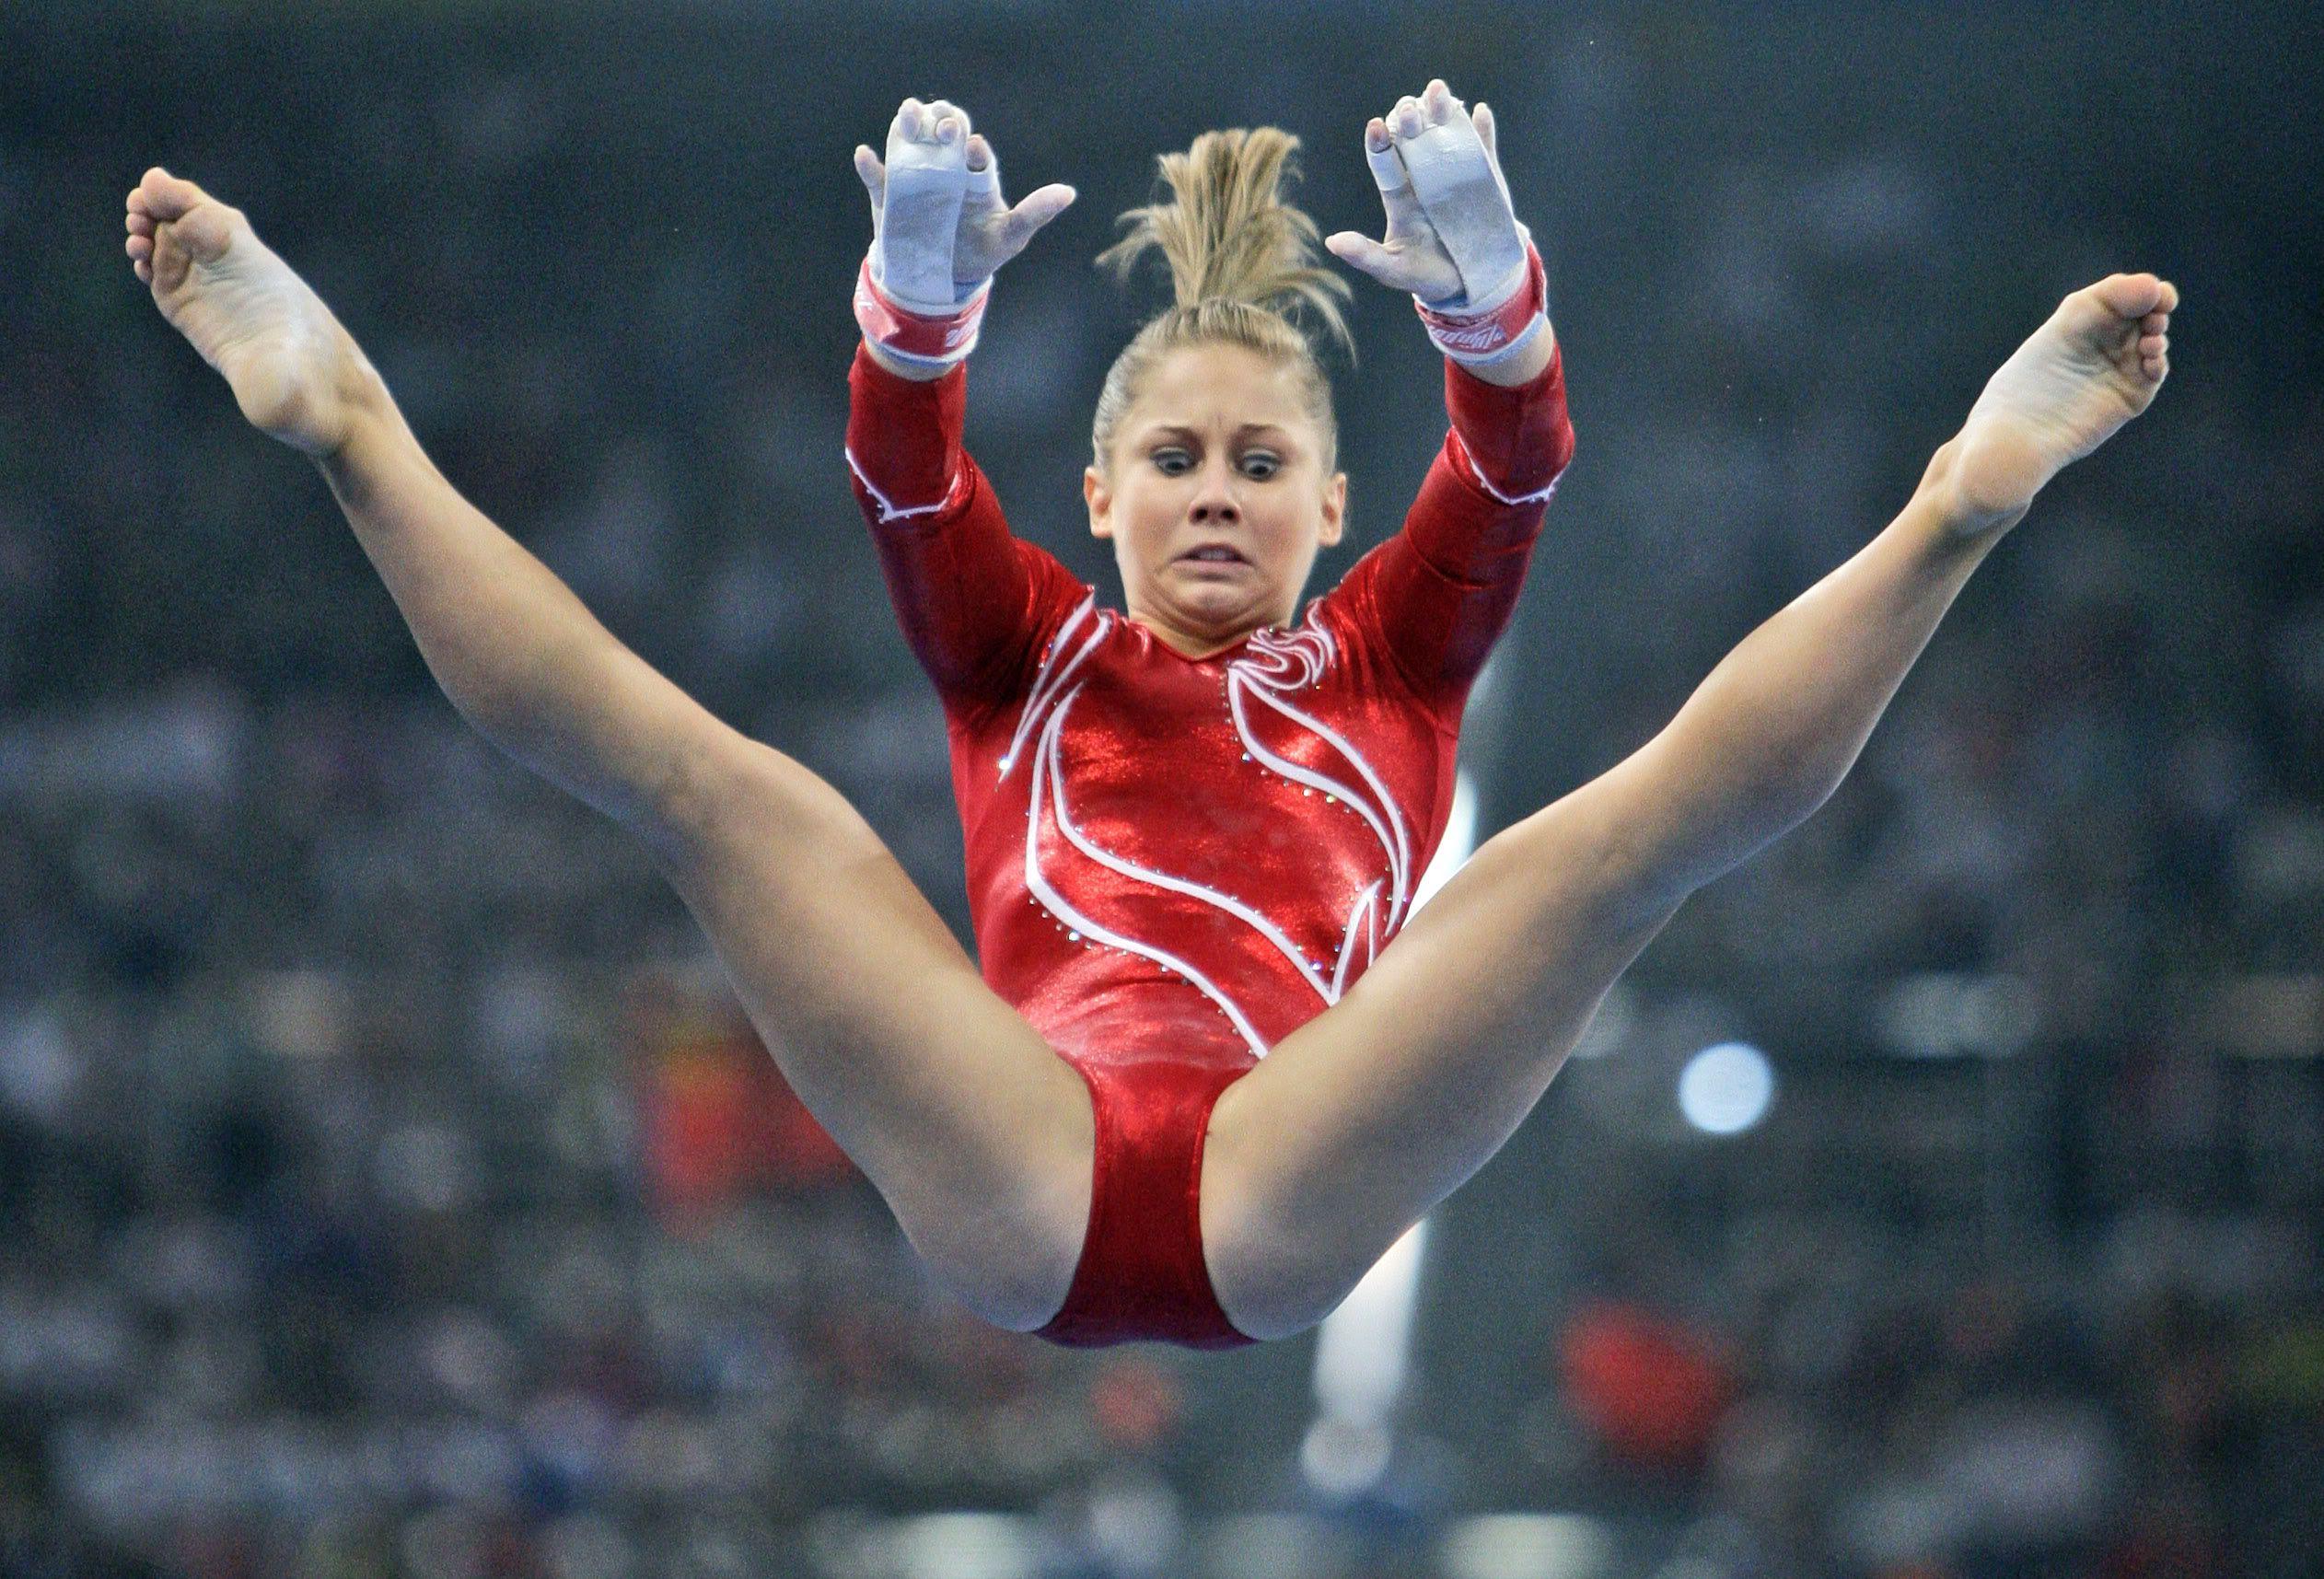 Shawn Johnson American Gymnast Gymnastics And Other